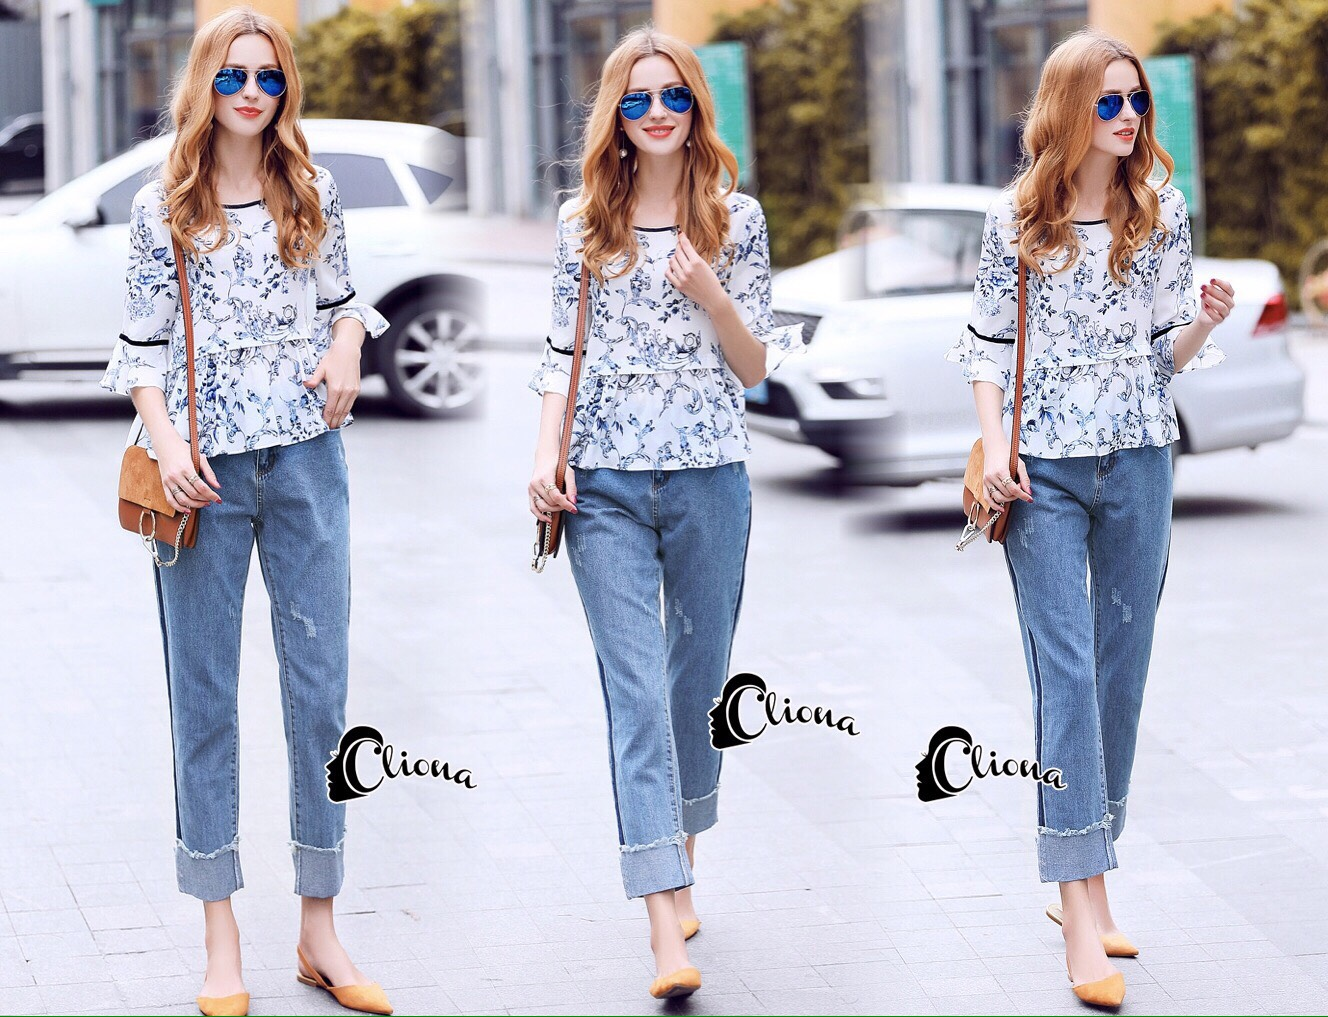 เสื้อผ้าเกาหลีพร้อมส่ง กางเกงยีนส์ขายาวสีซีด เอวสูง